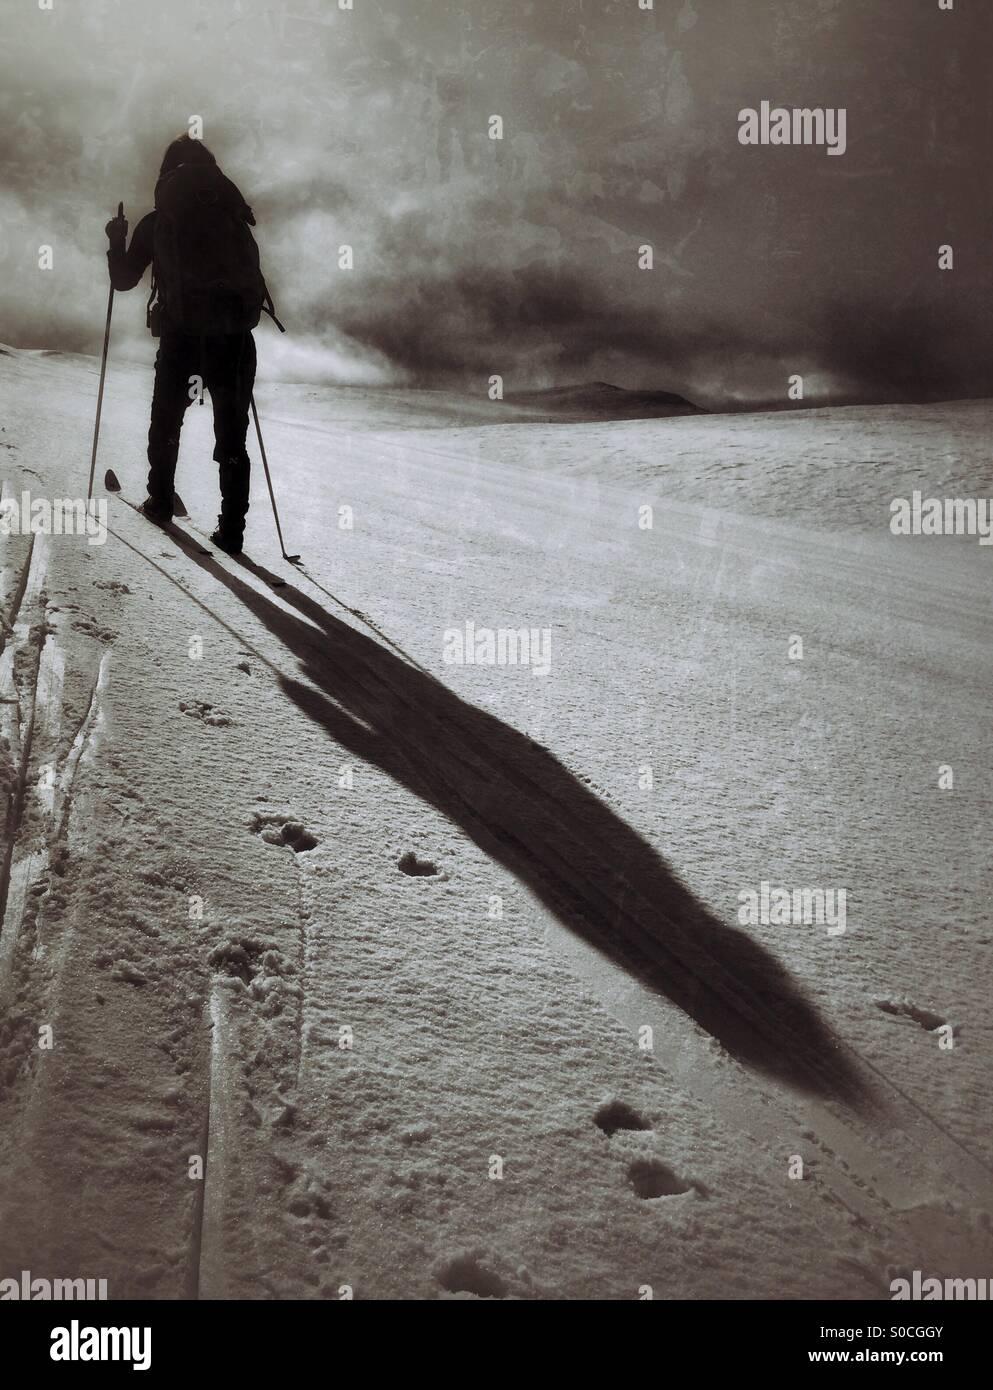 Ski de fond plus de Hardangervidda, Norvège, jetant une ombre sur la neige. Photo Stock